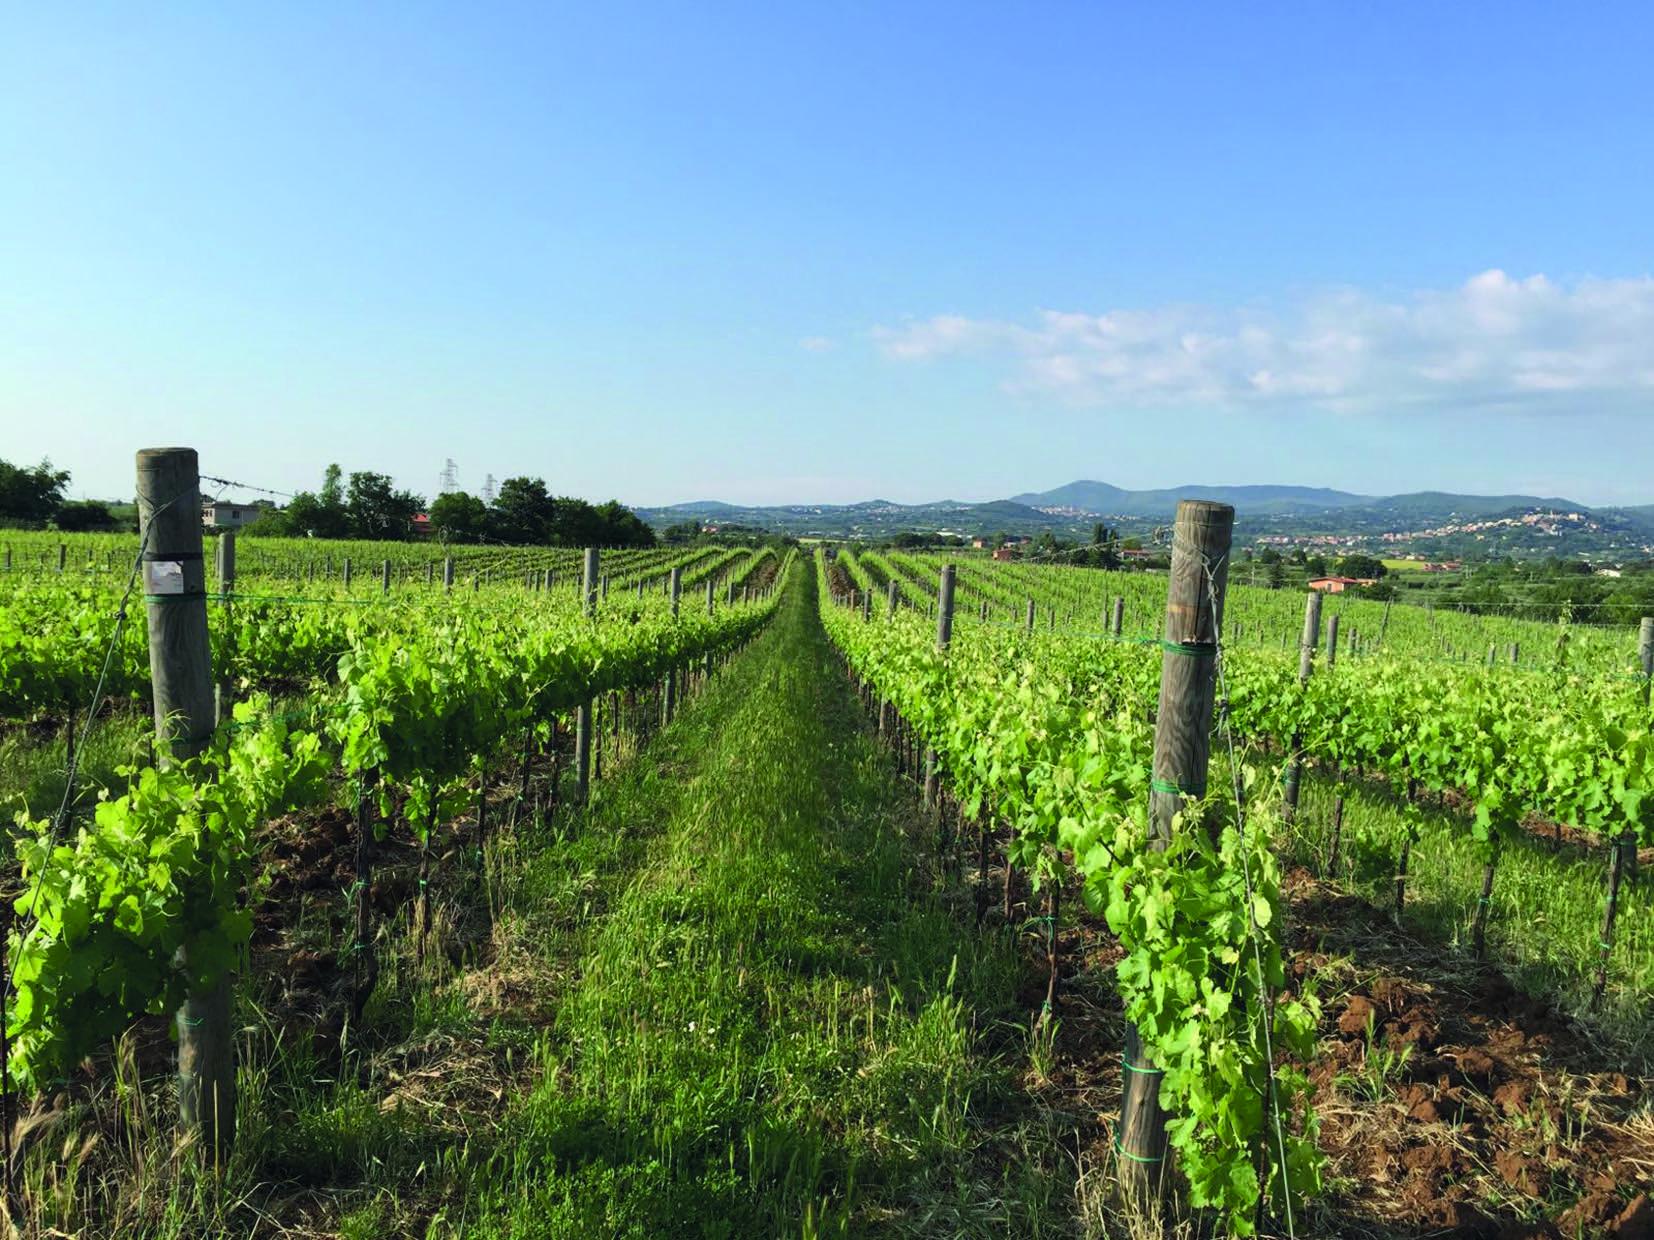 Cantinamena bagno alcione forte dei marmi sabato 15 luglio 2017 god save the wine - Bagno flora forte dei marmi ...